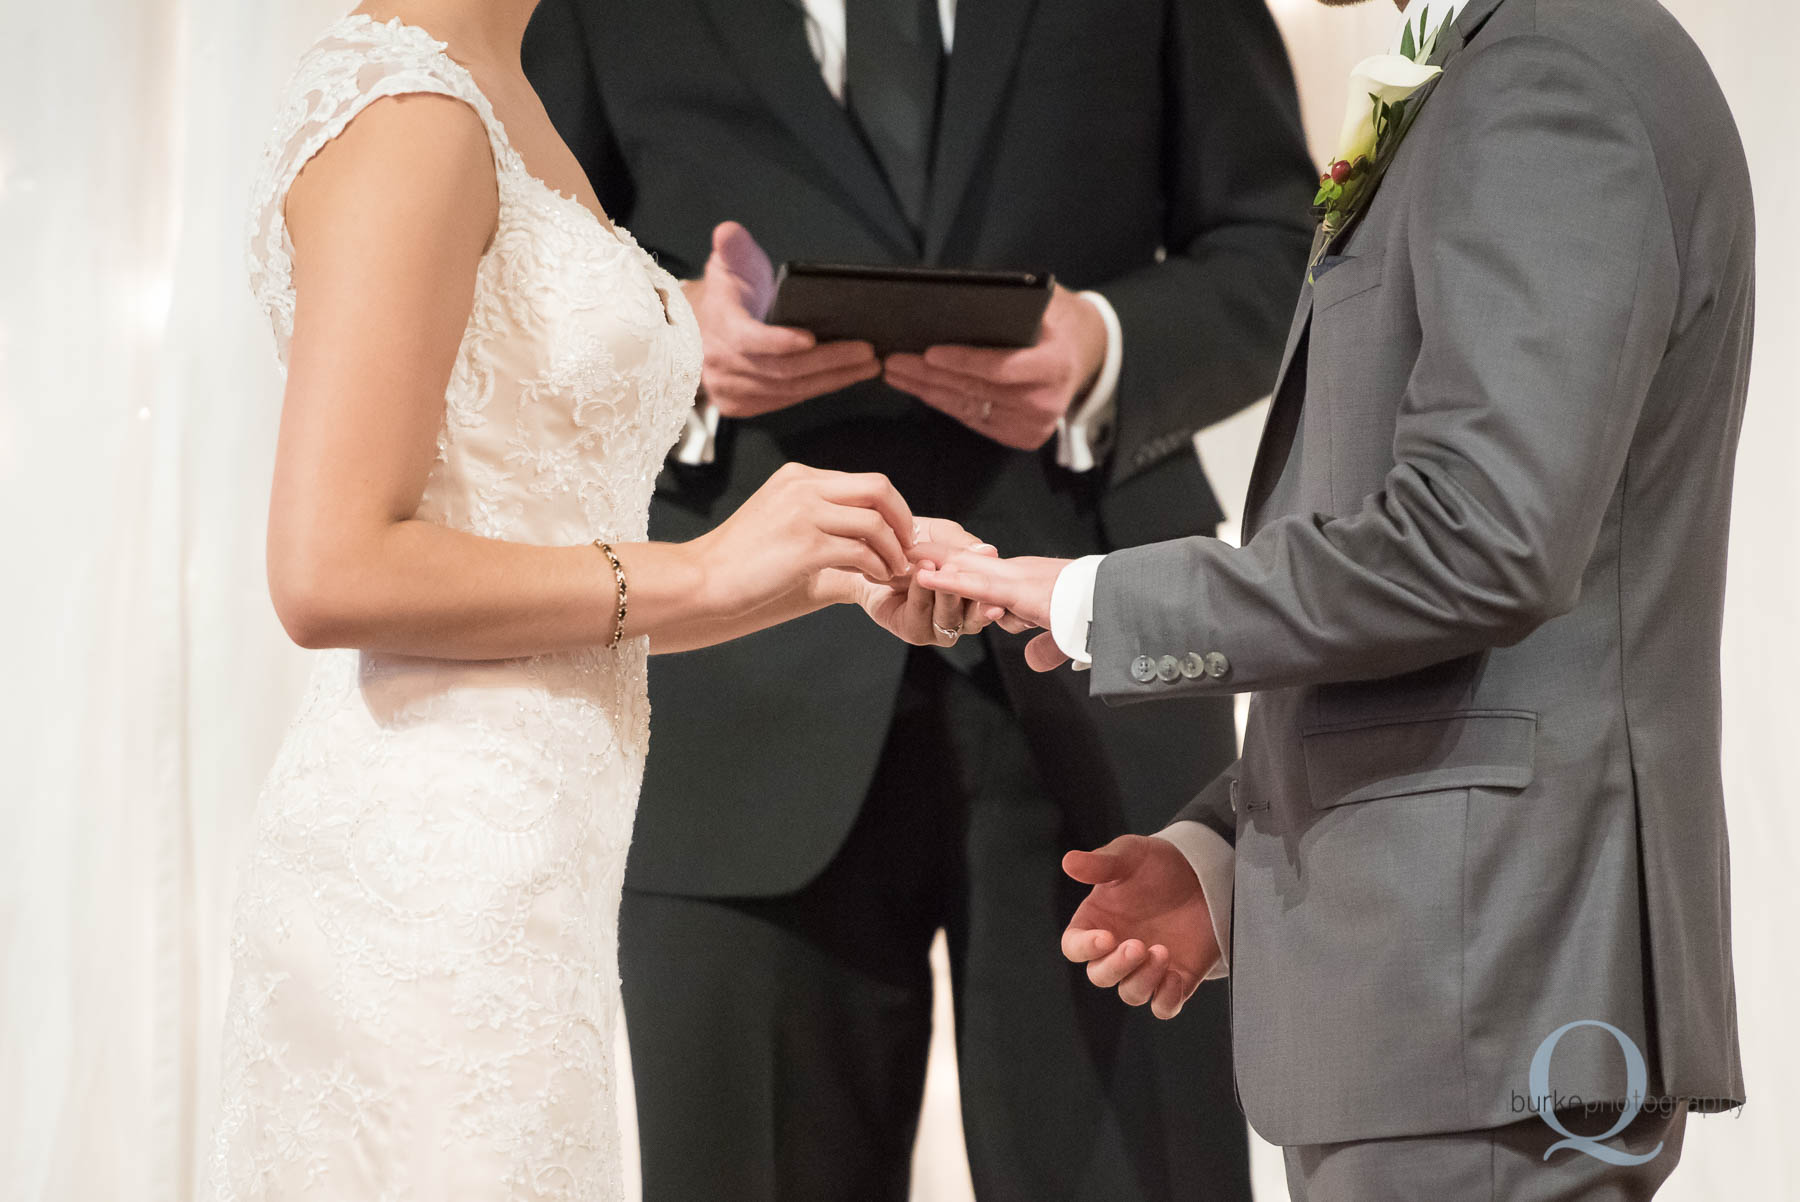 bride placing ring on grooms finger wedding ceremony Green Villa Barn